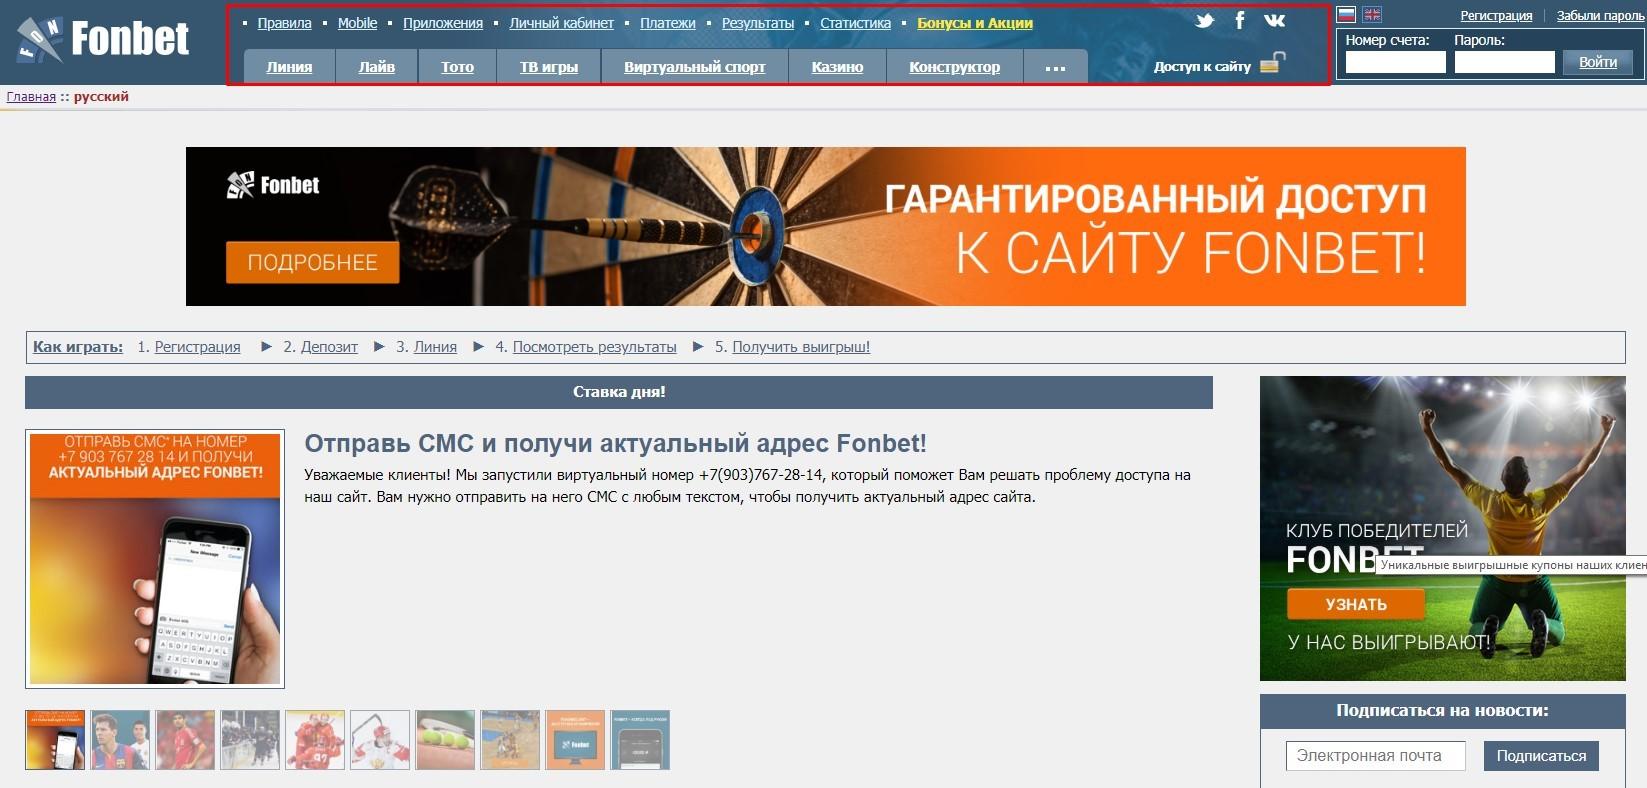 Зеркало сайта бк фонбет личный кабинет